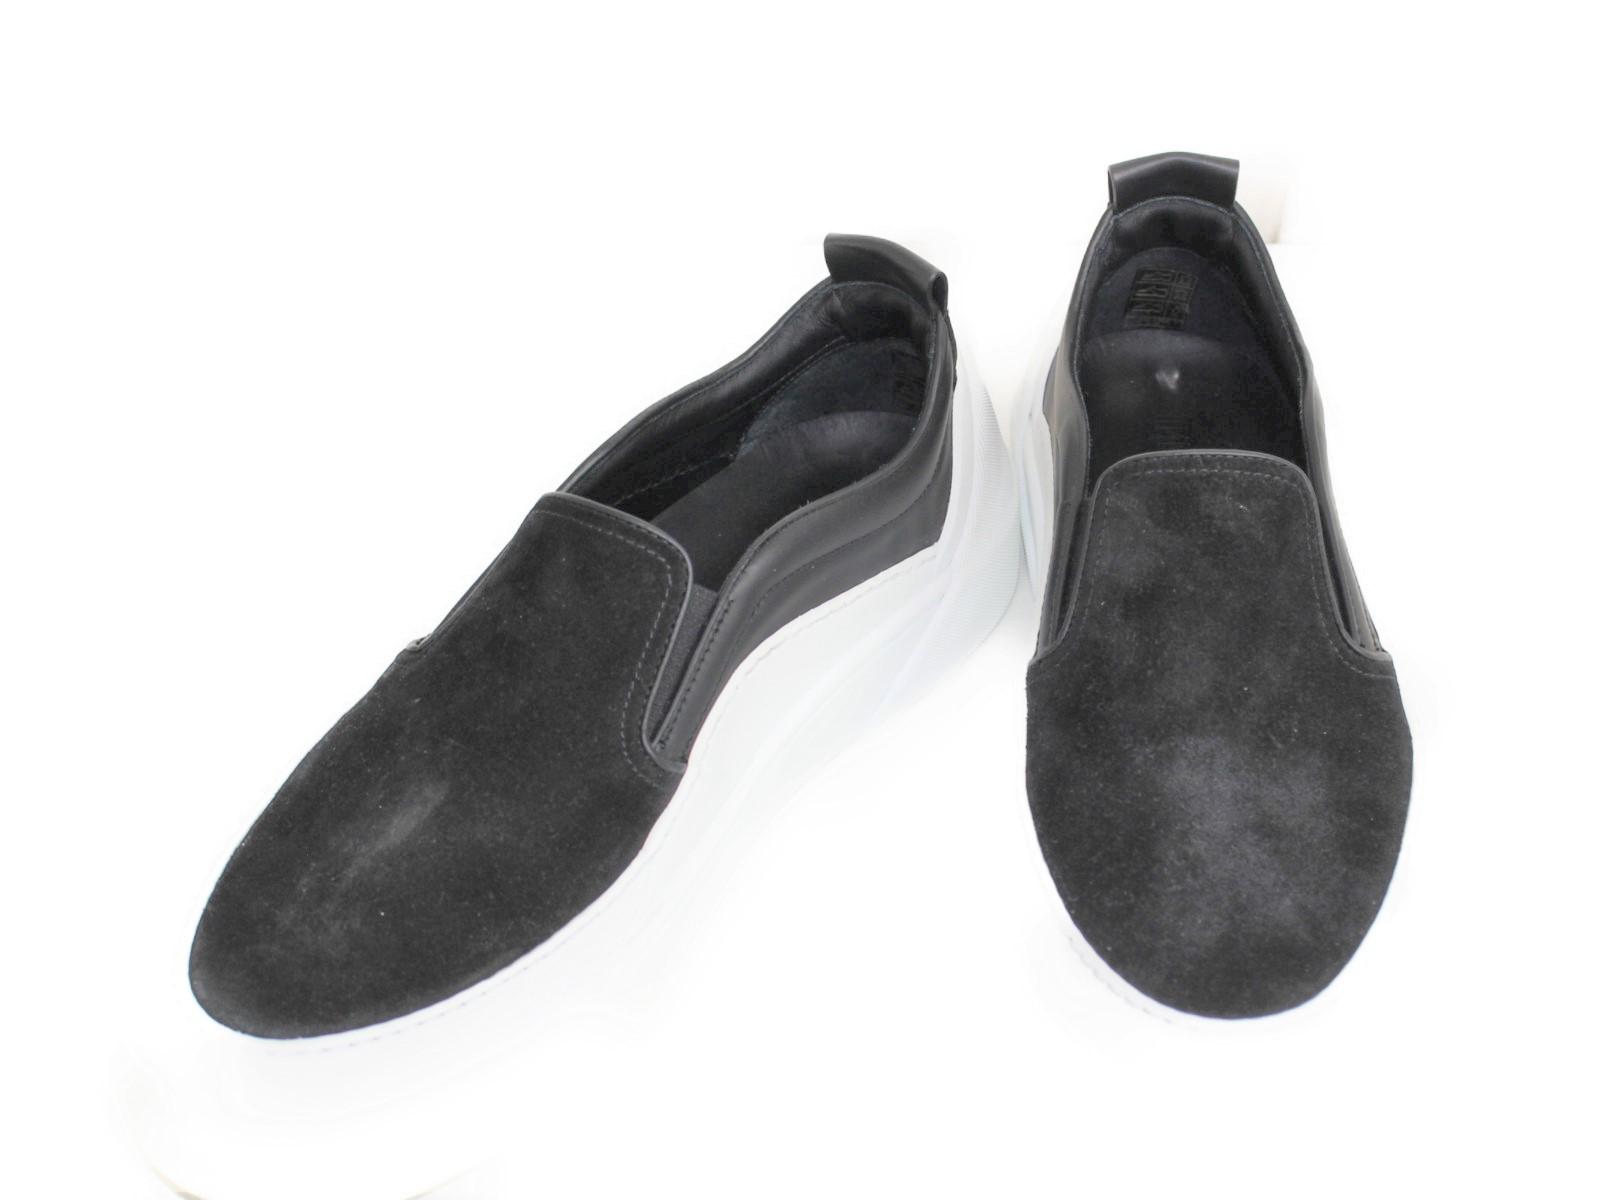 JIMMY CHOO ジミーチュウ スエード×ソフトレザースリッポン  ブラック×ホワイト スエード レザー メンズ ユニセックス ブランド 靴 シューズ 【中古】